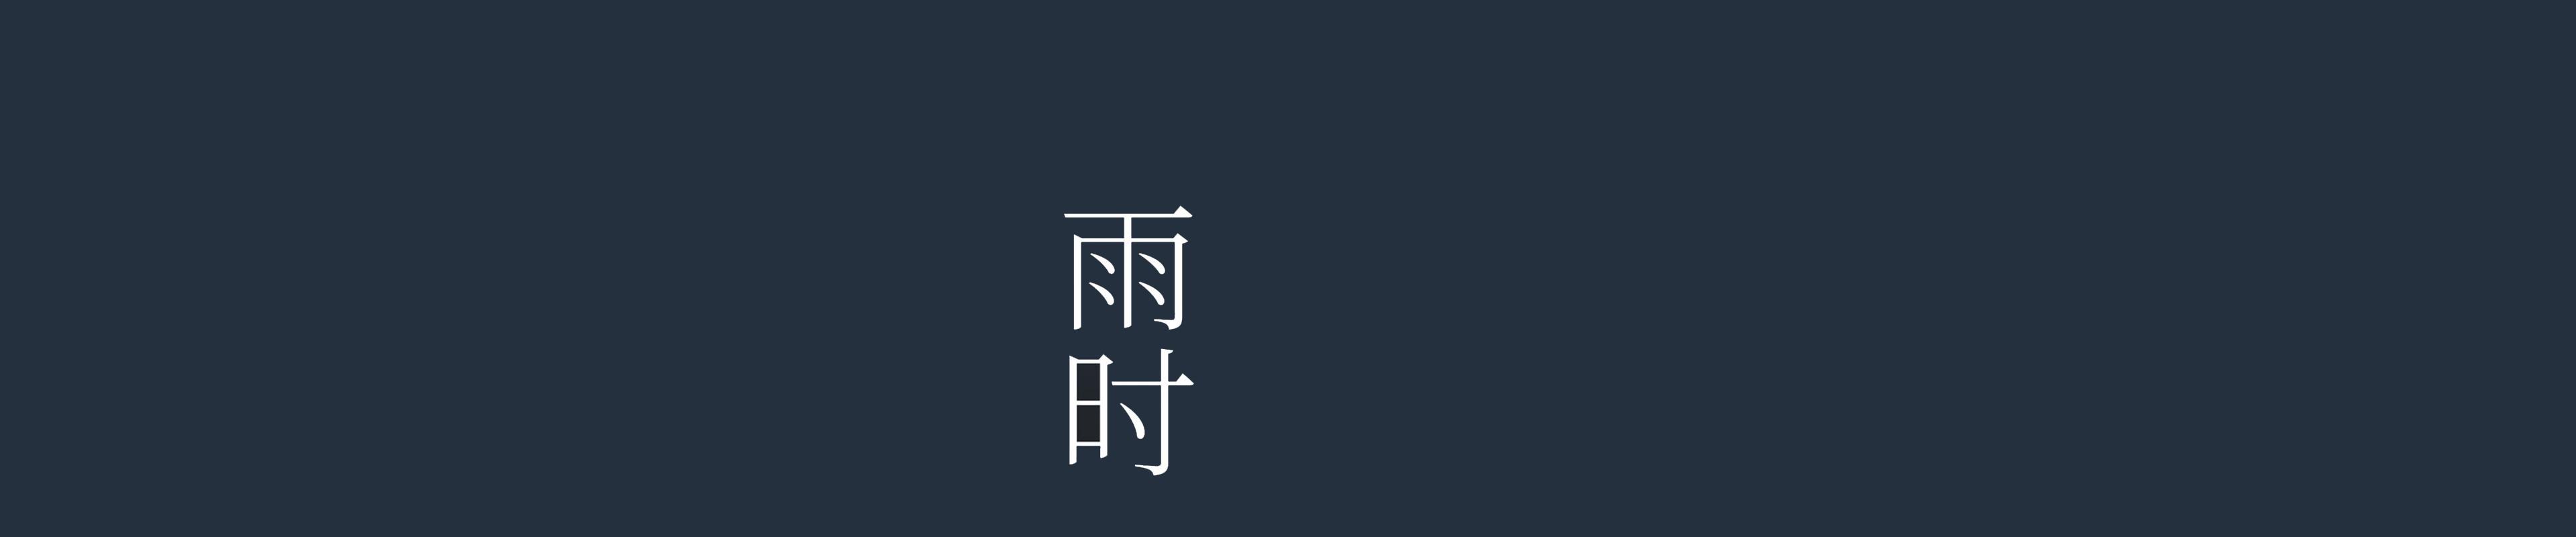 [已购]雨时-草蜢资源